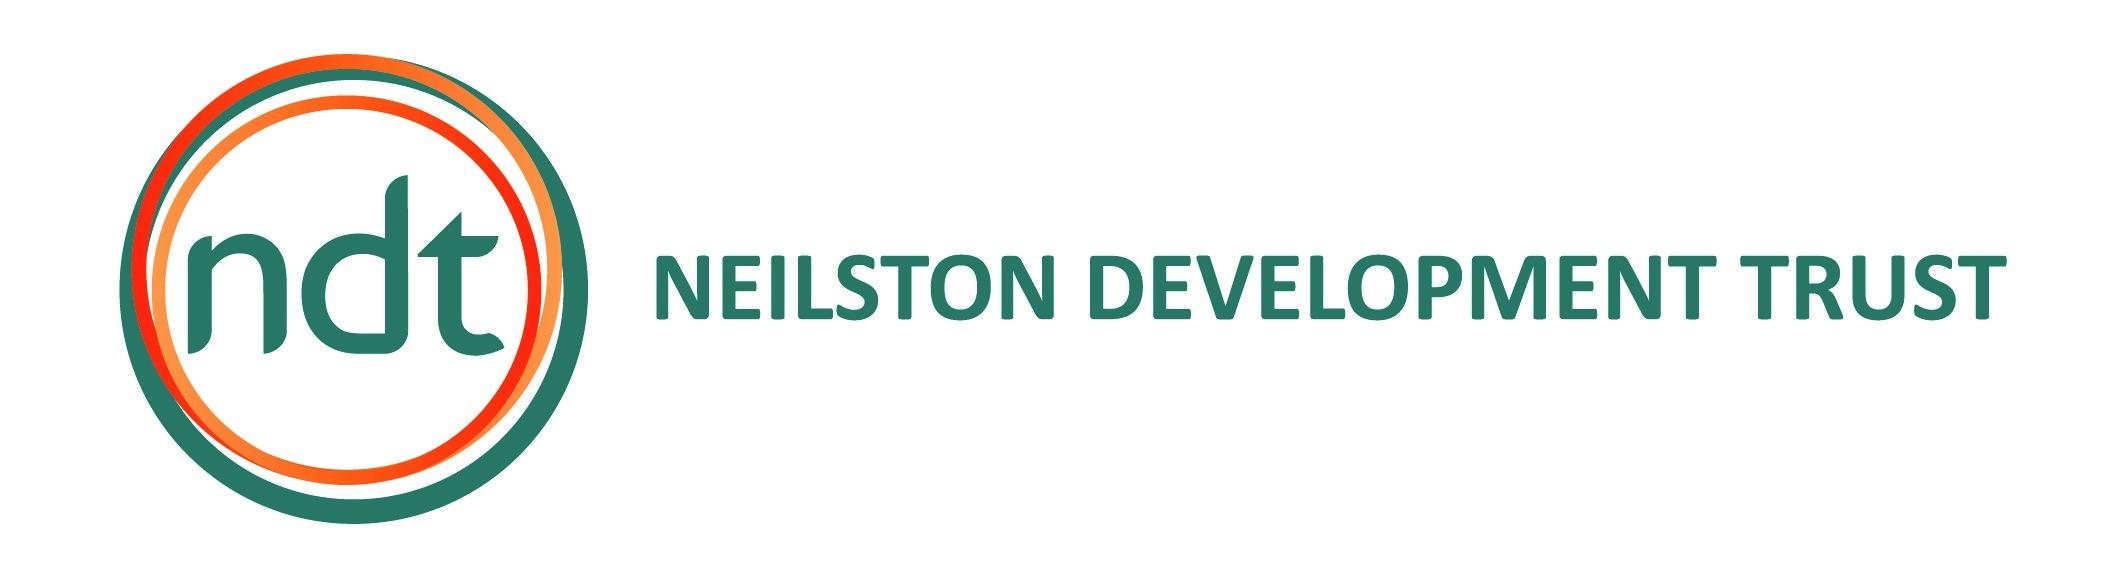 Neilston Development Trust